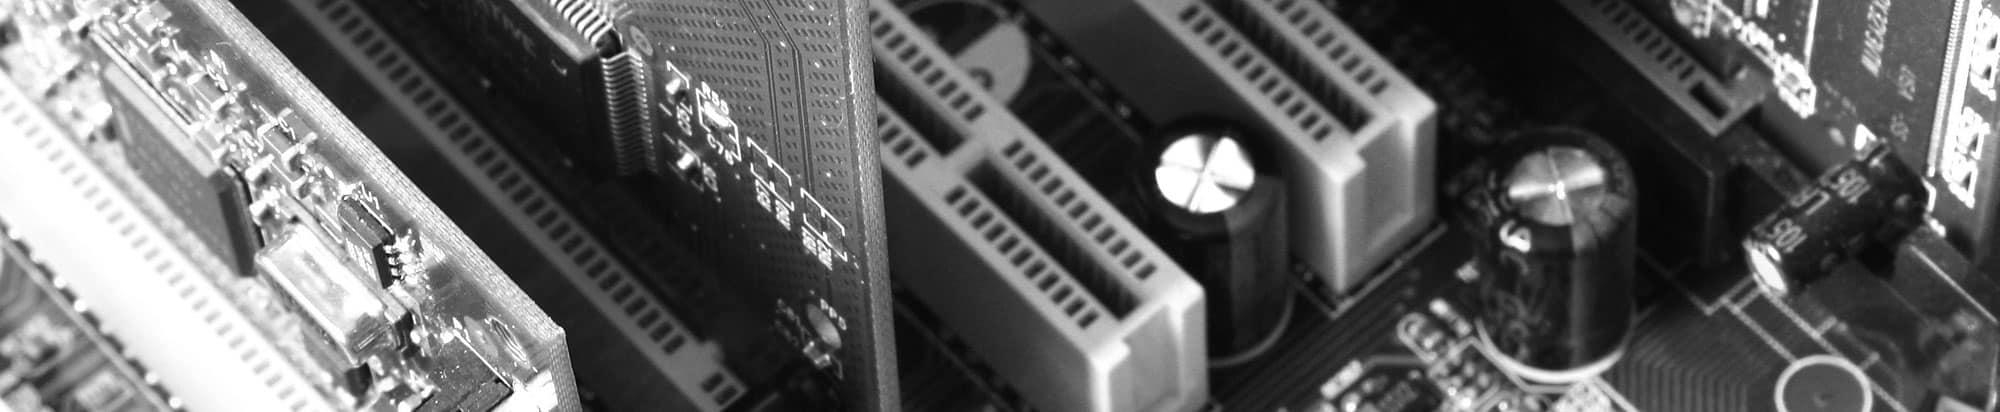 reliable computer repairs in Mesa Arizona